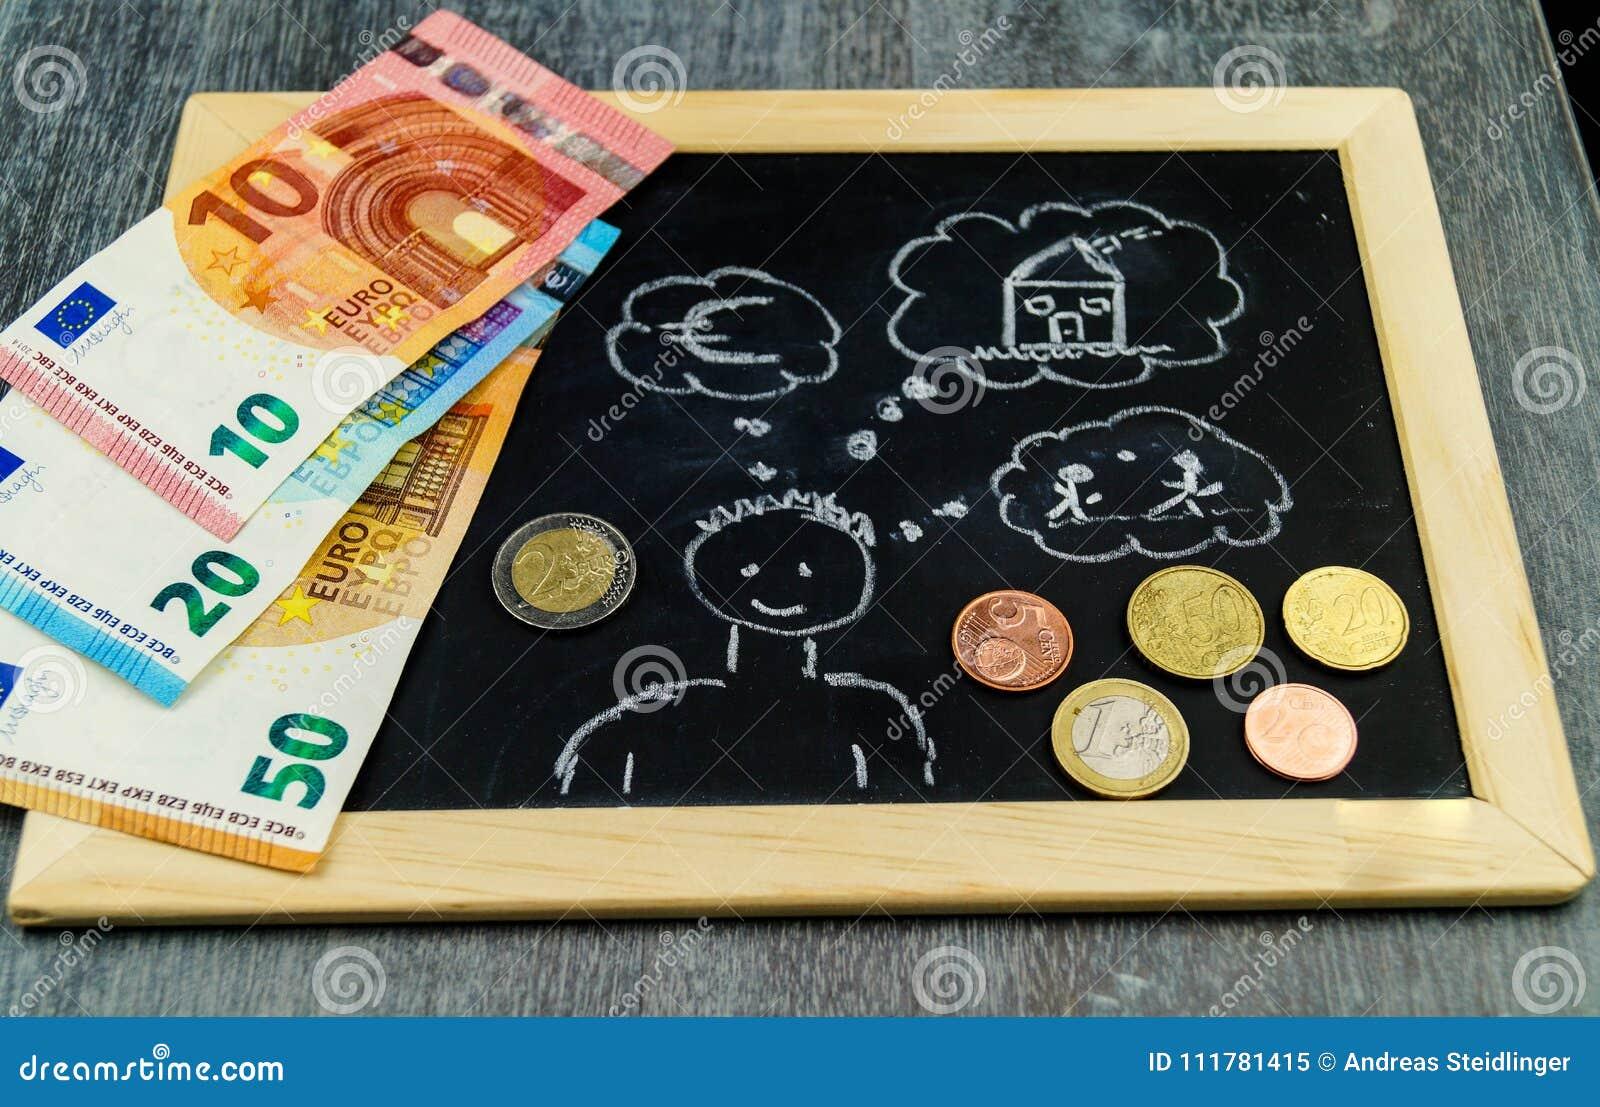 Housing Child benefit